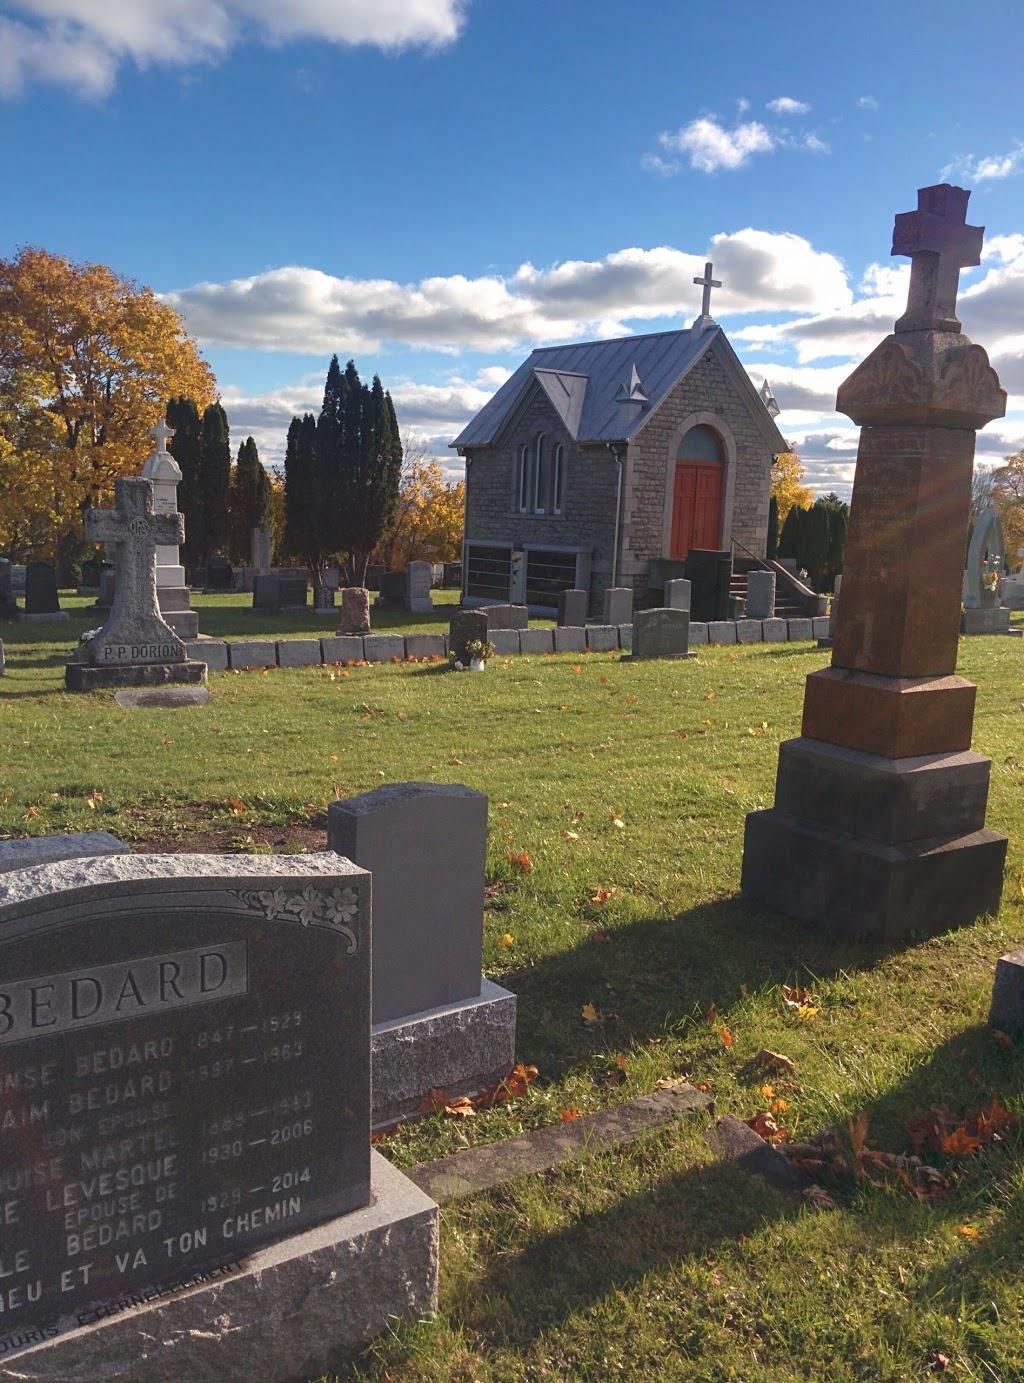 Cimetière Saint-Charles-Borromée | cemetery | 648 Boulevard Louis-XIV, Québec, QC G1H 4M8, Canada